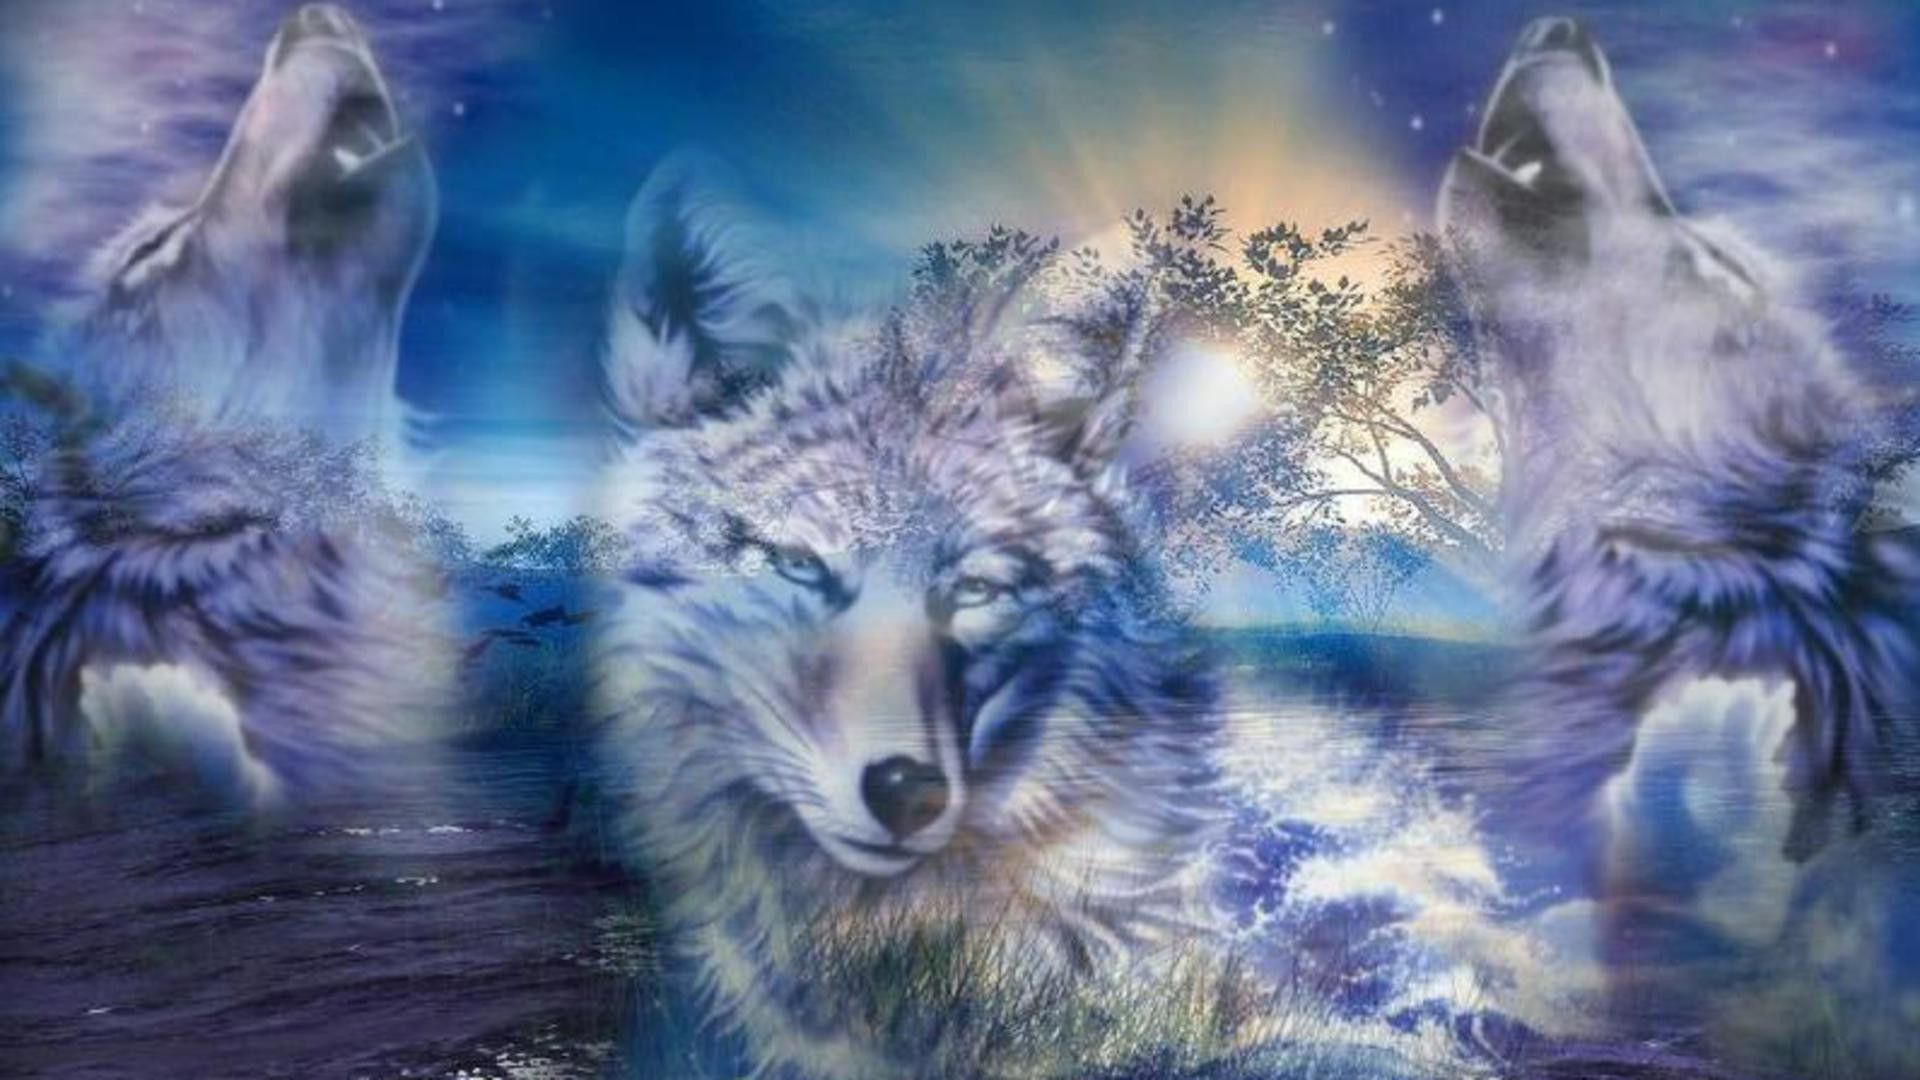 1920x1080 Wolf Fantasy hình nền